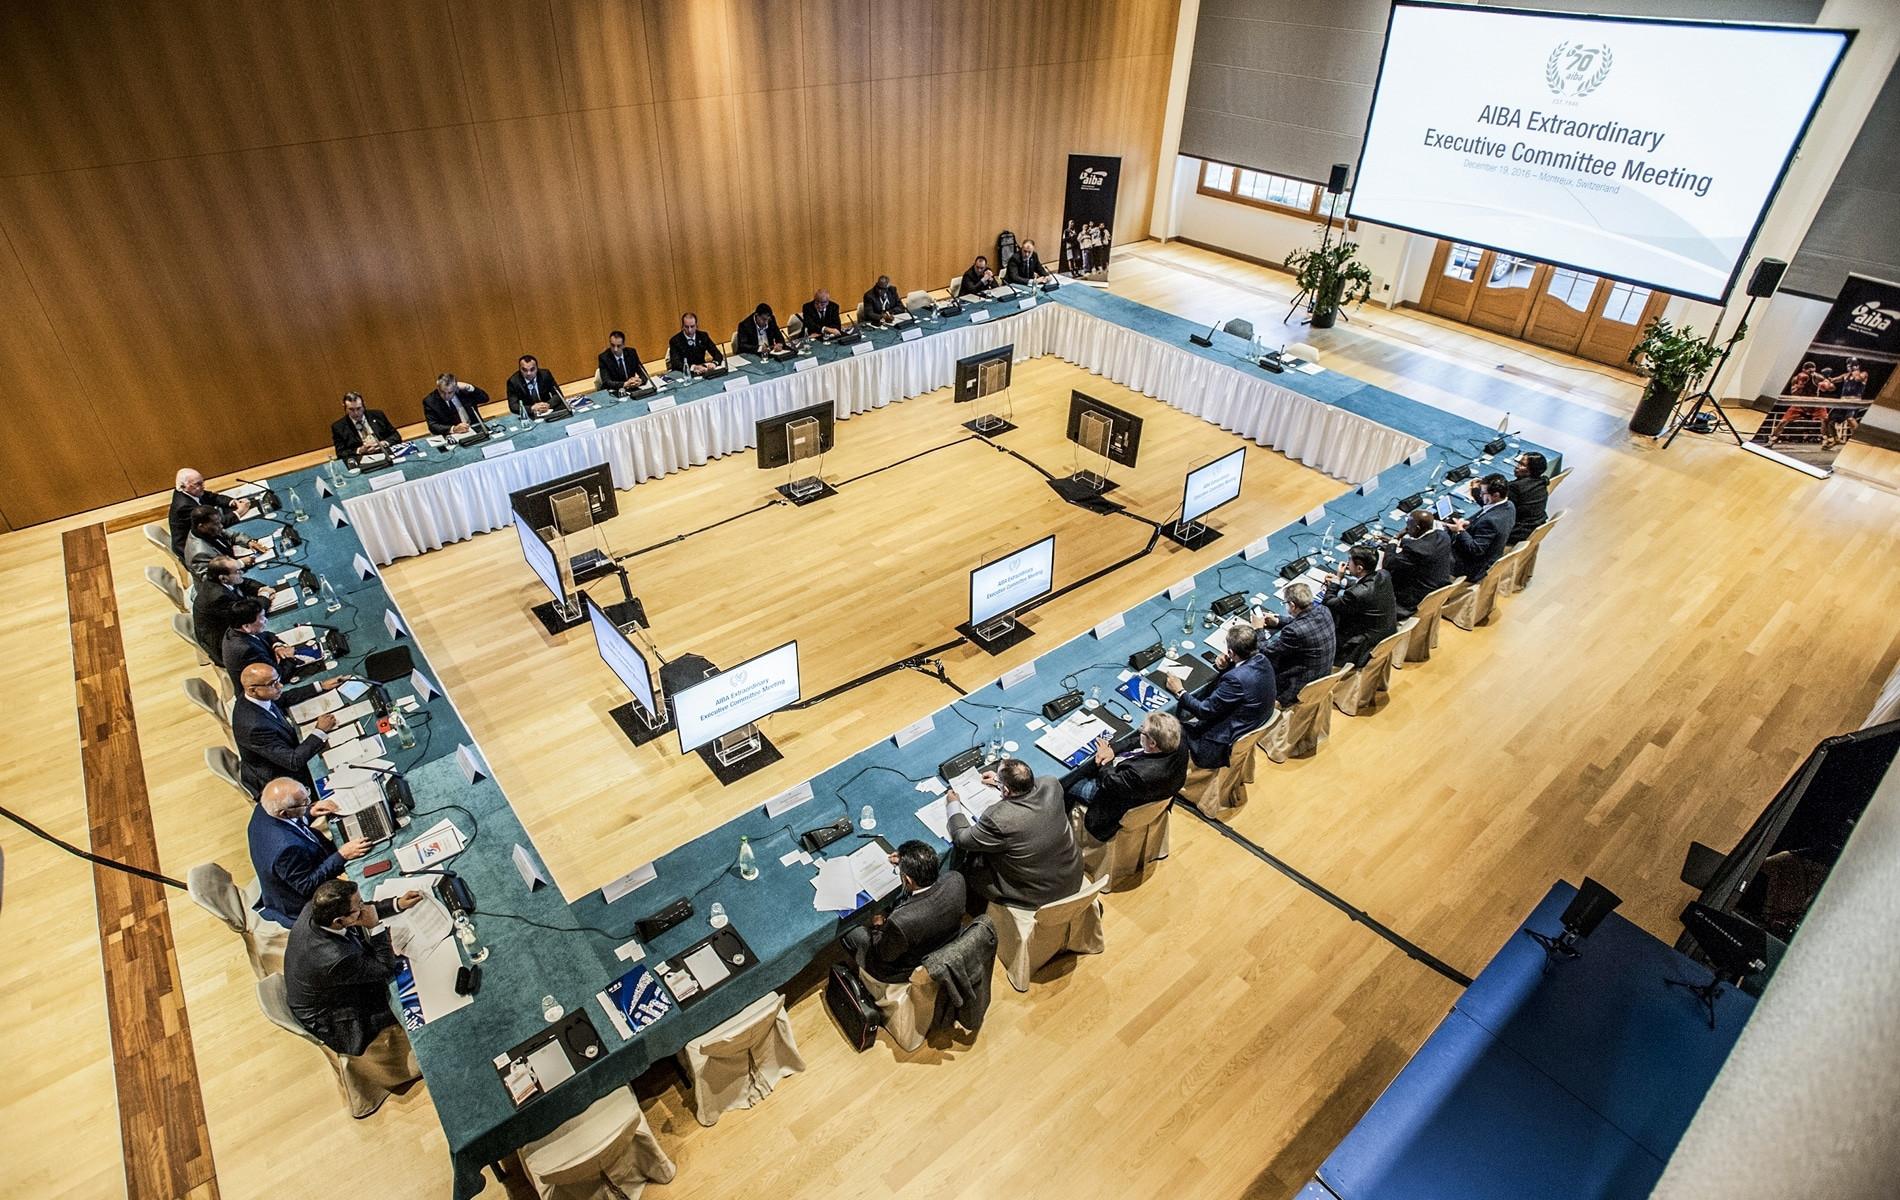 AIBA Congress rescheduled to December